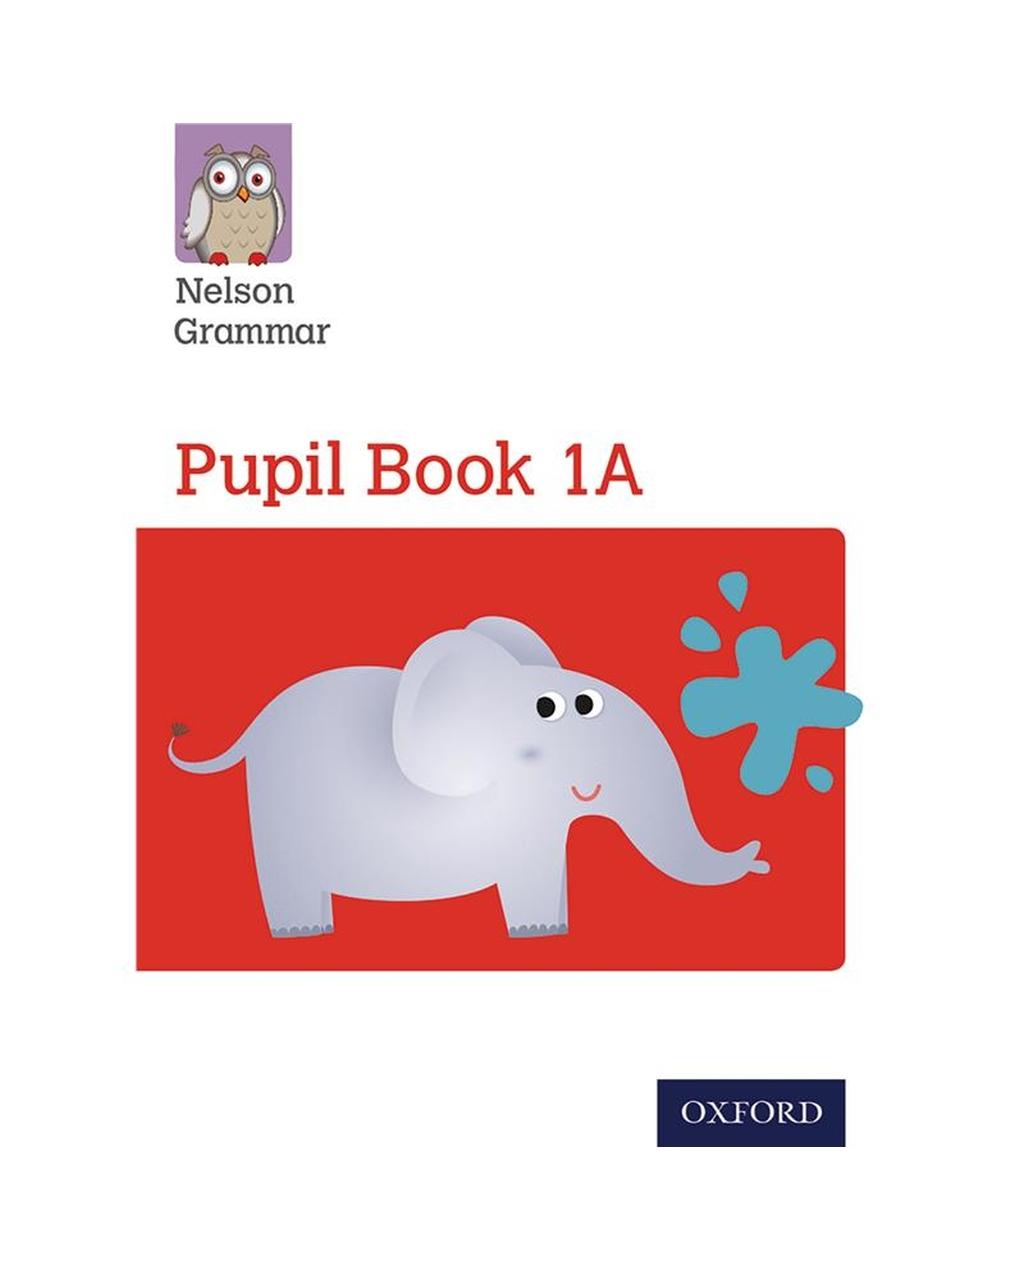 Nelson Grammar Pupil Book 1A